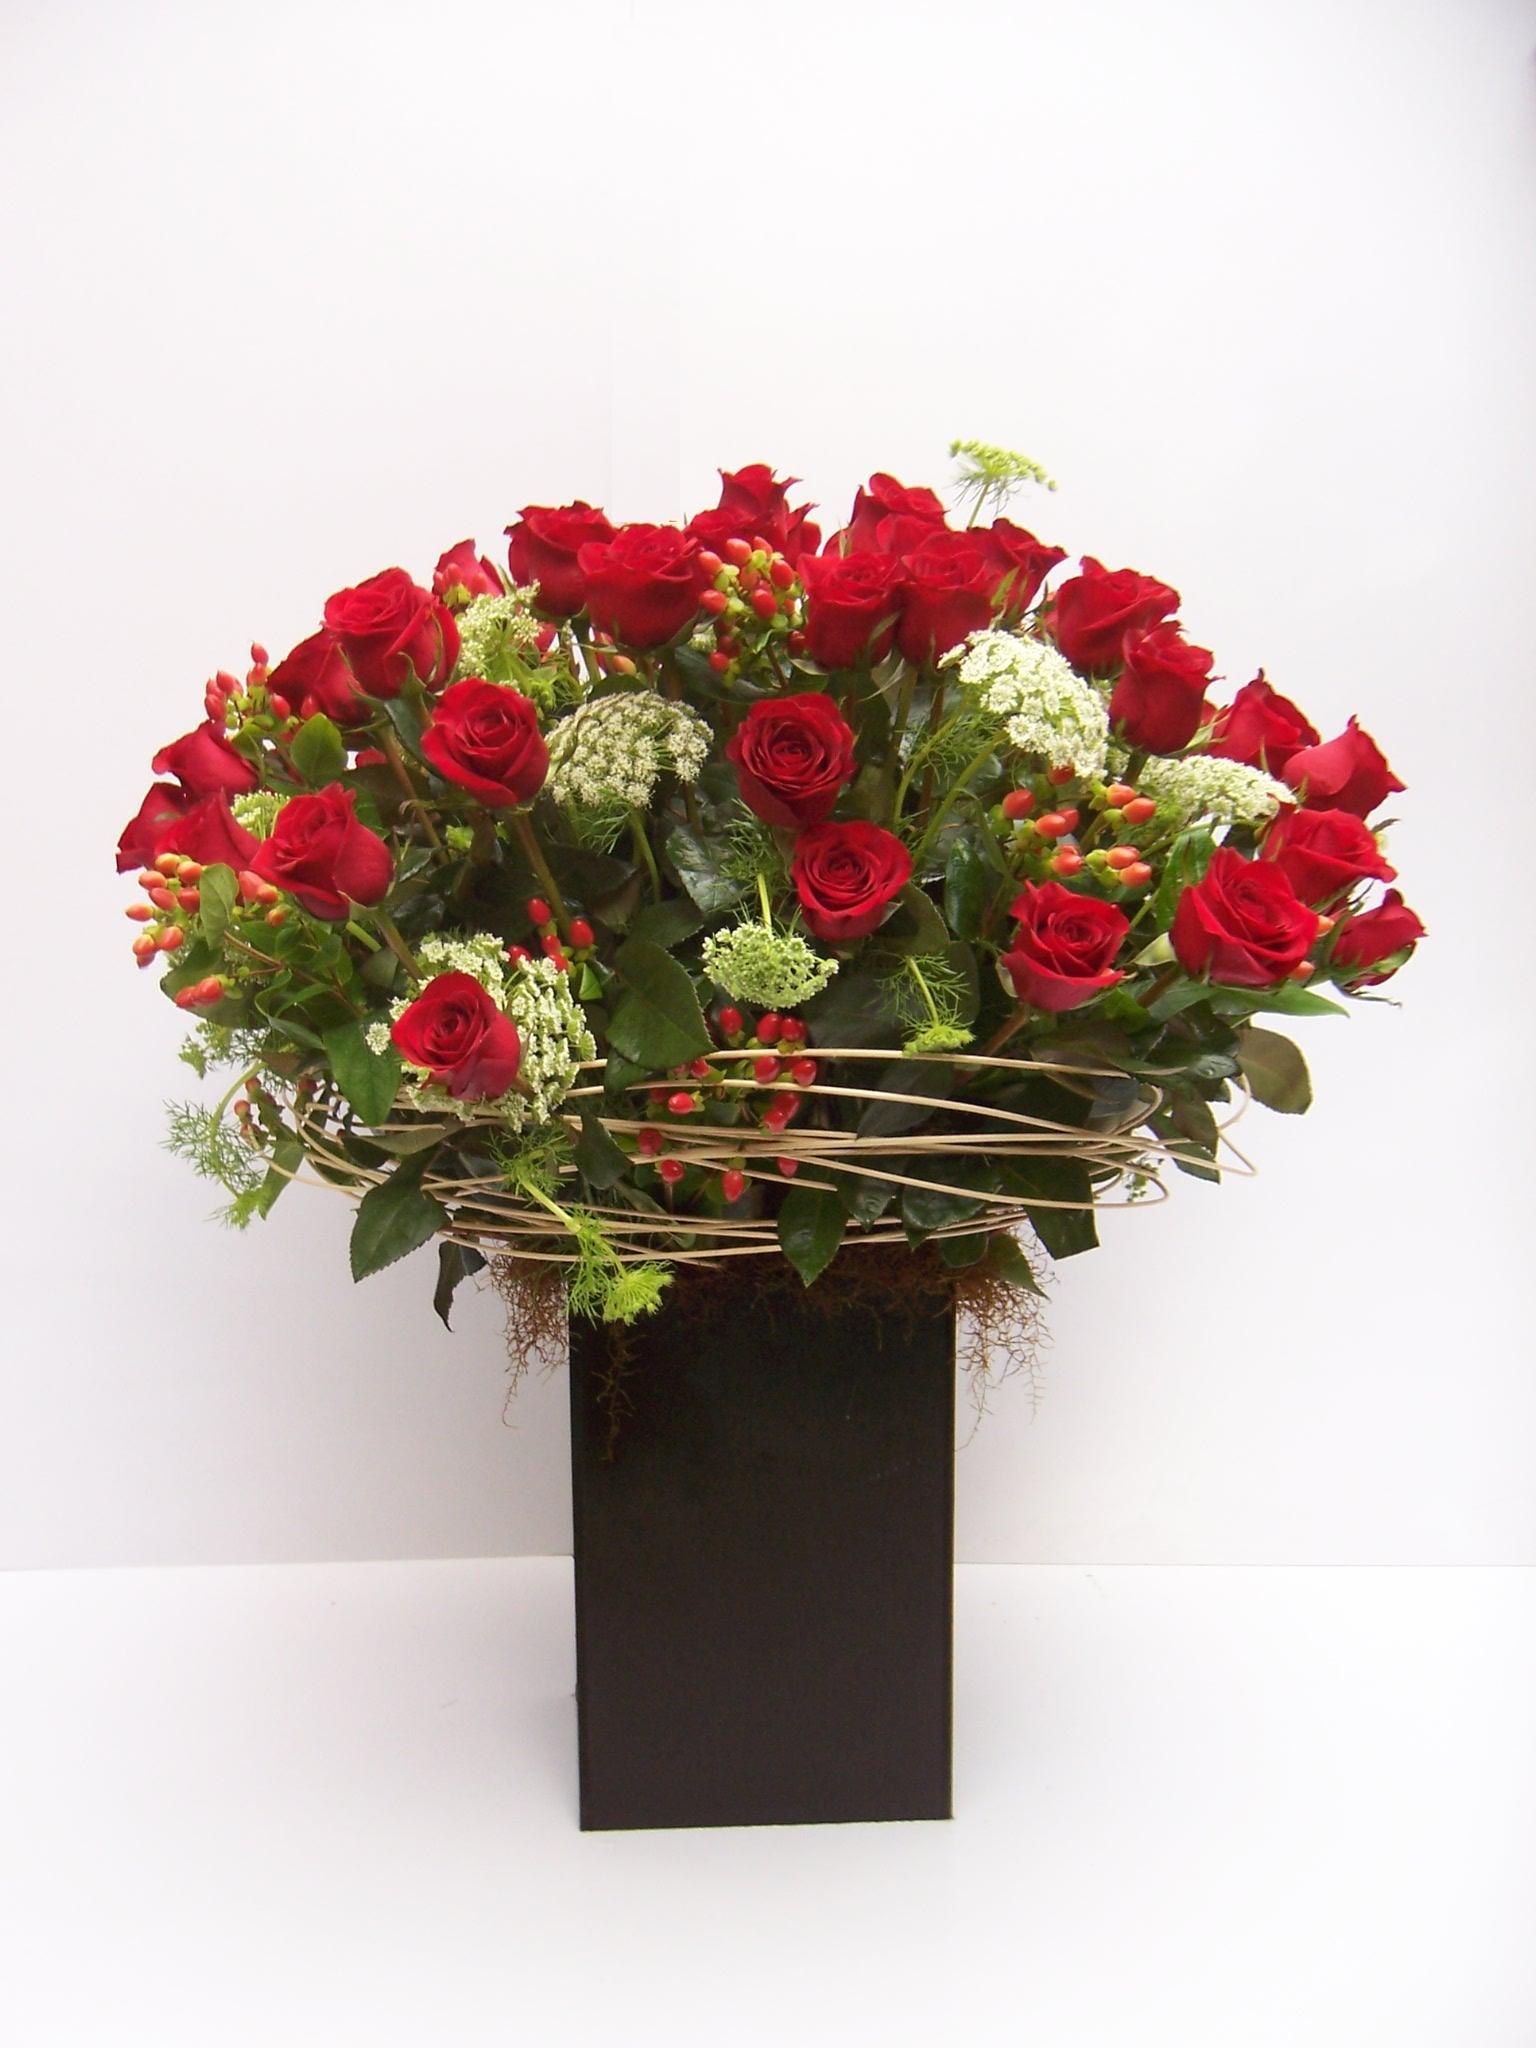 Arreglo Floral Rosas Rojas Para Enamorados